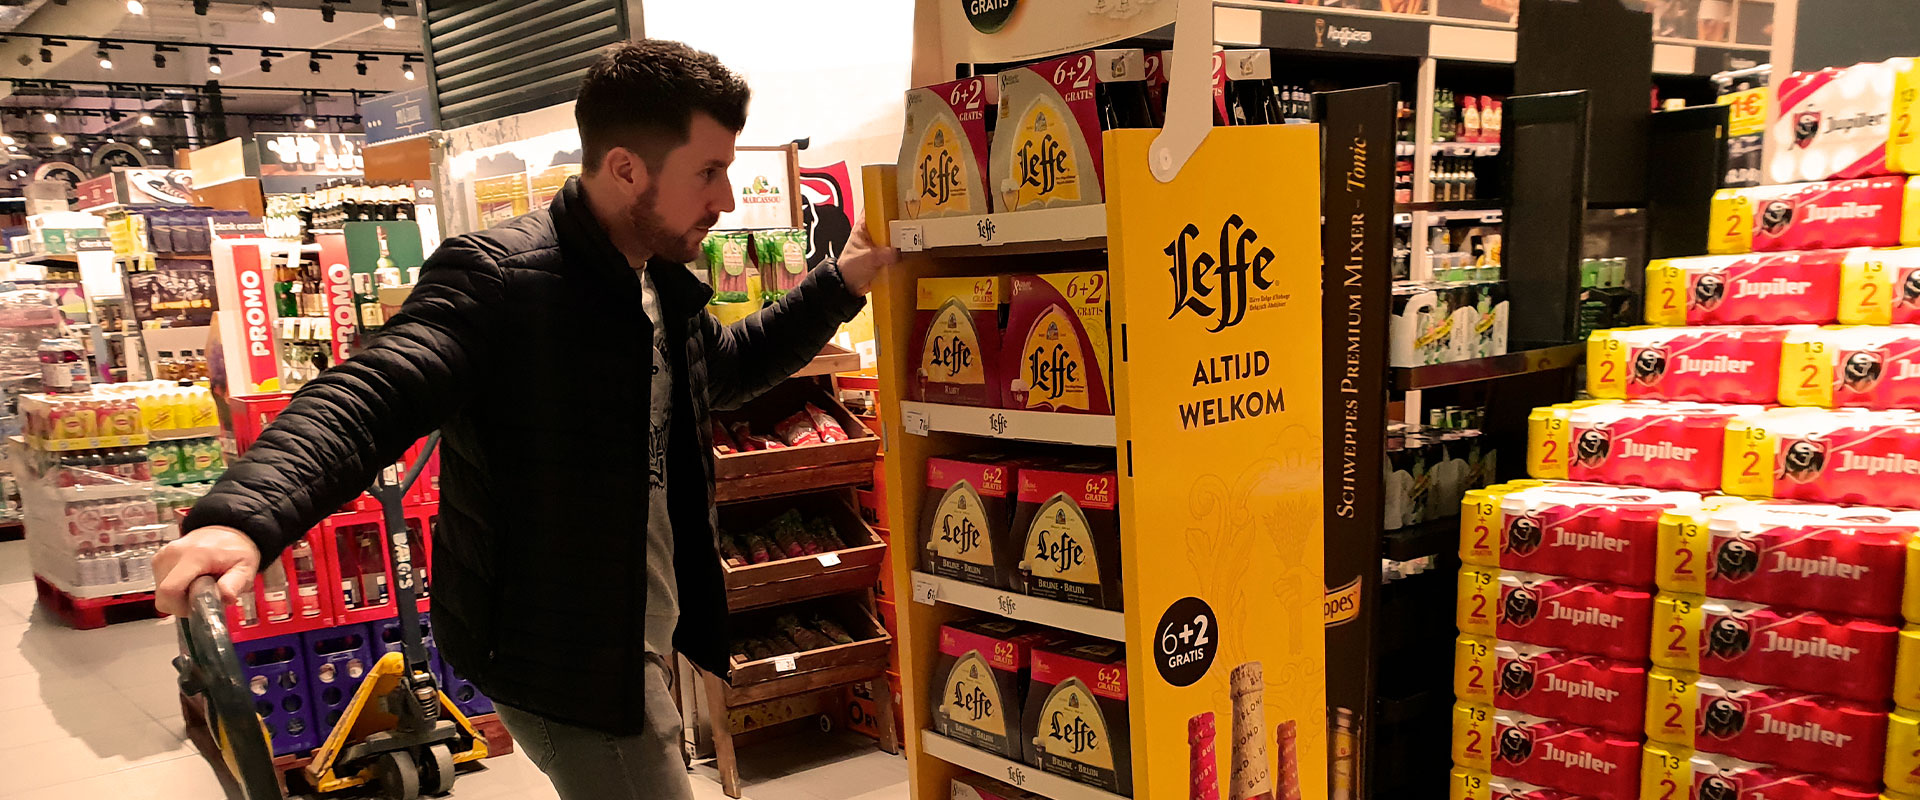 impact sales Belgium